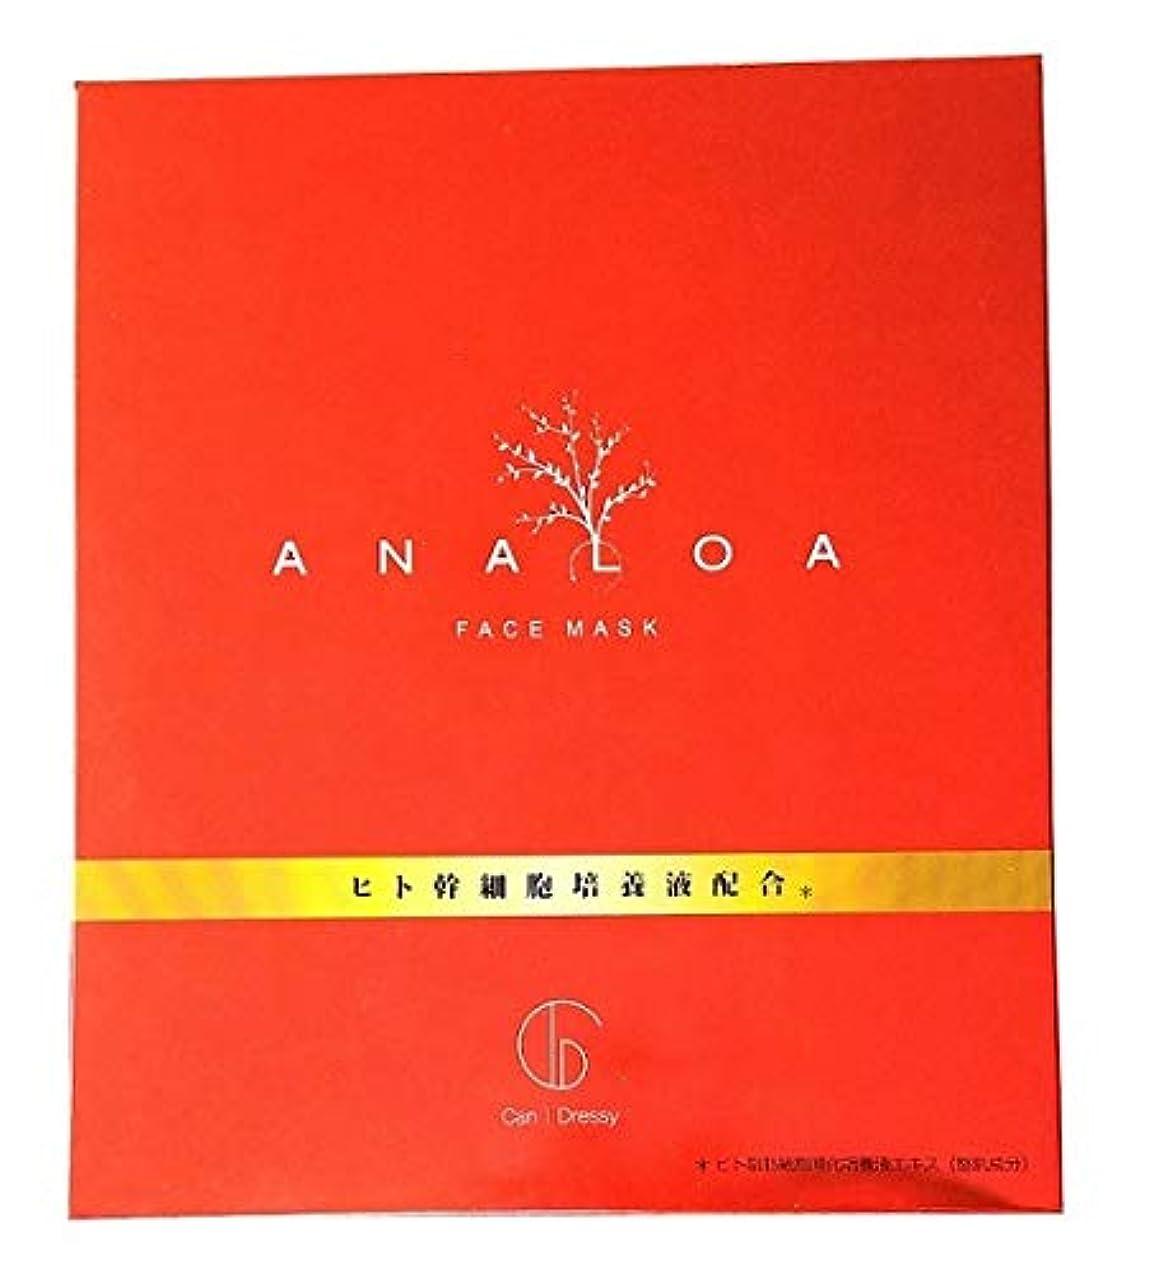 トン衣類調和のとれたヒト幹細胞フェイスマスク『ANALOA FACE MASK』(3枚入り)